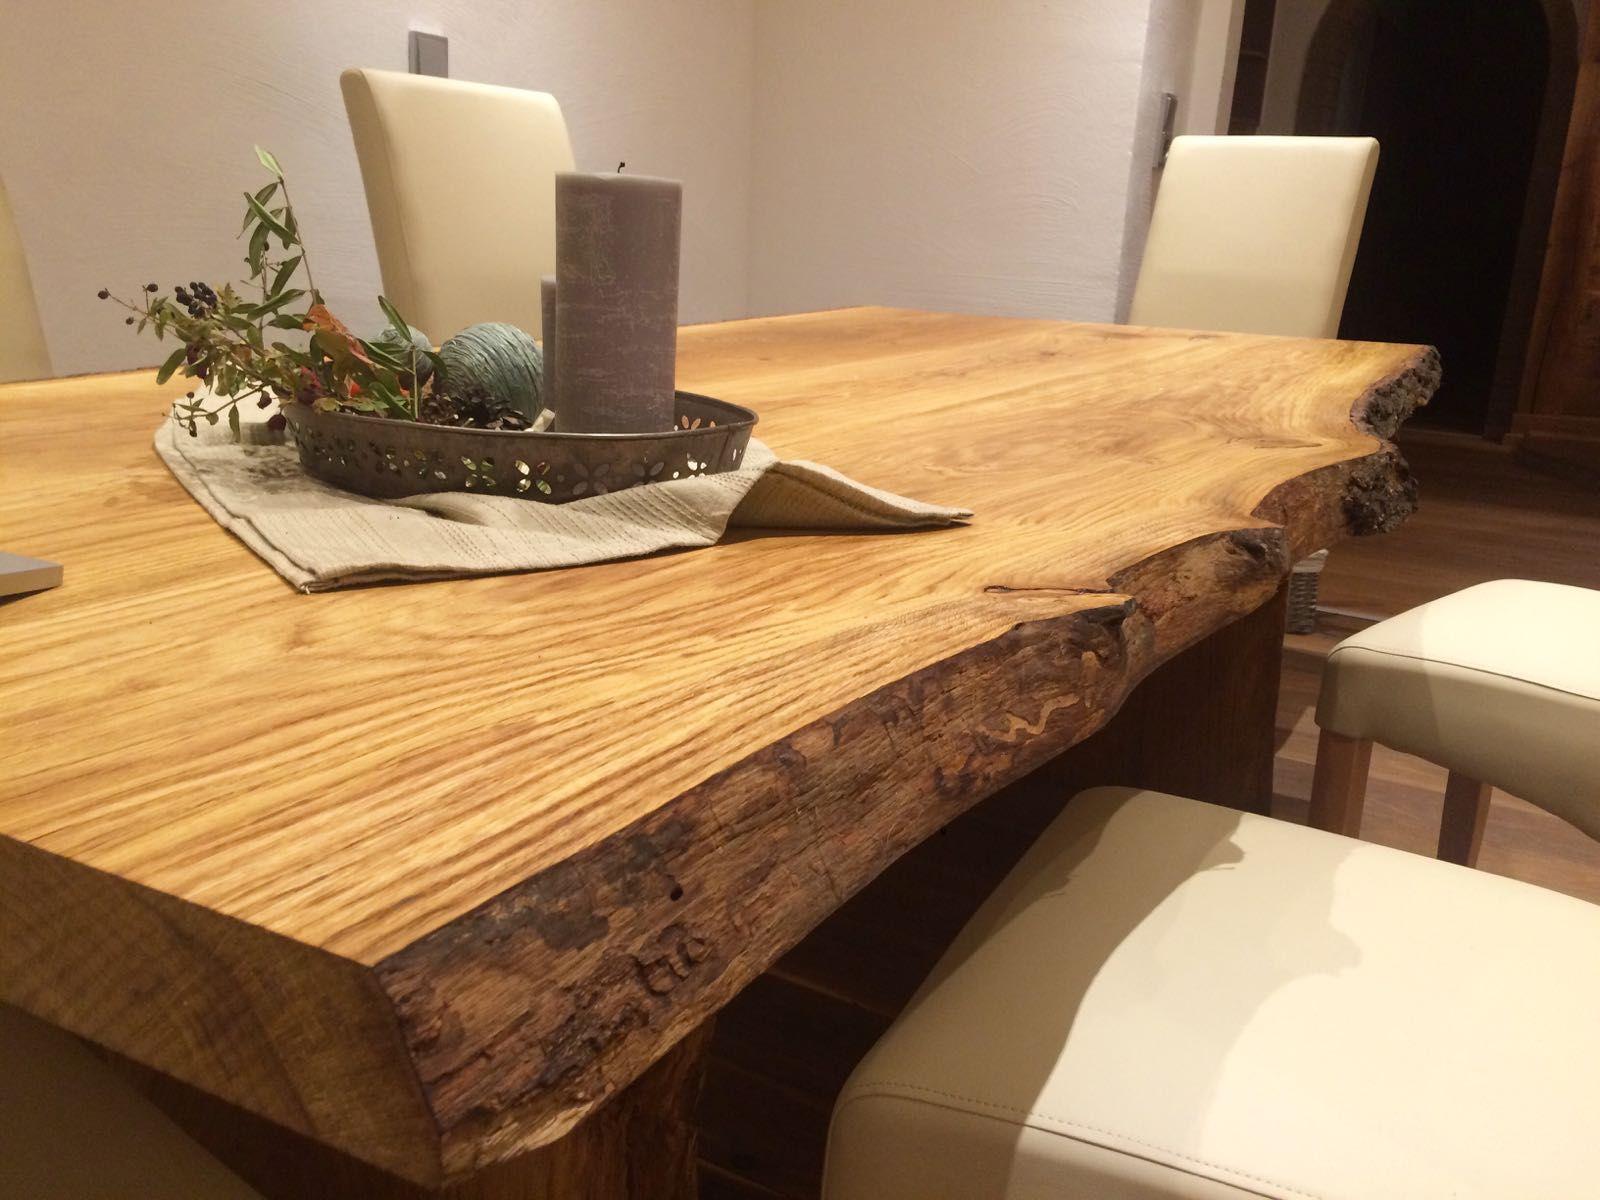 Esstisch aus Eichenholz, mit Baumkante, massiv, geölt ...